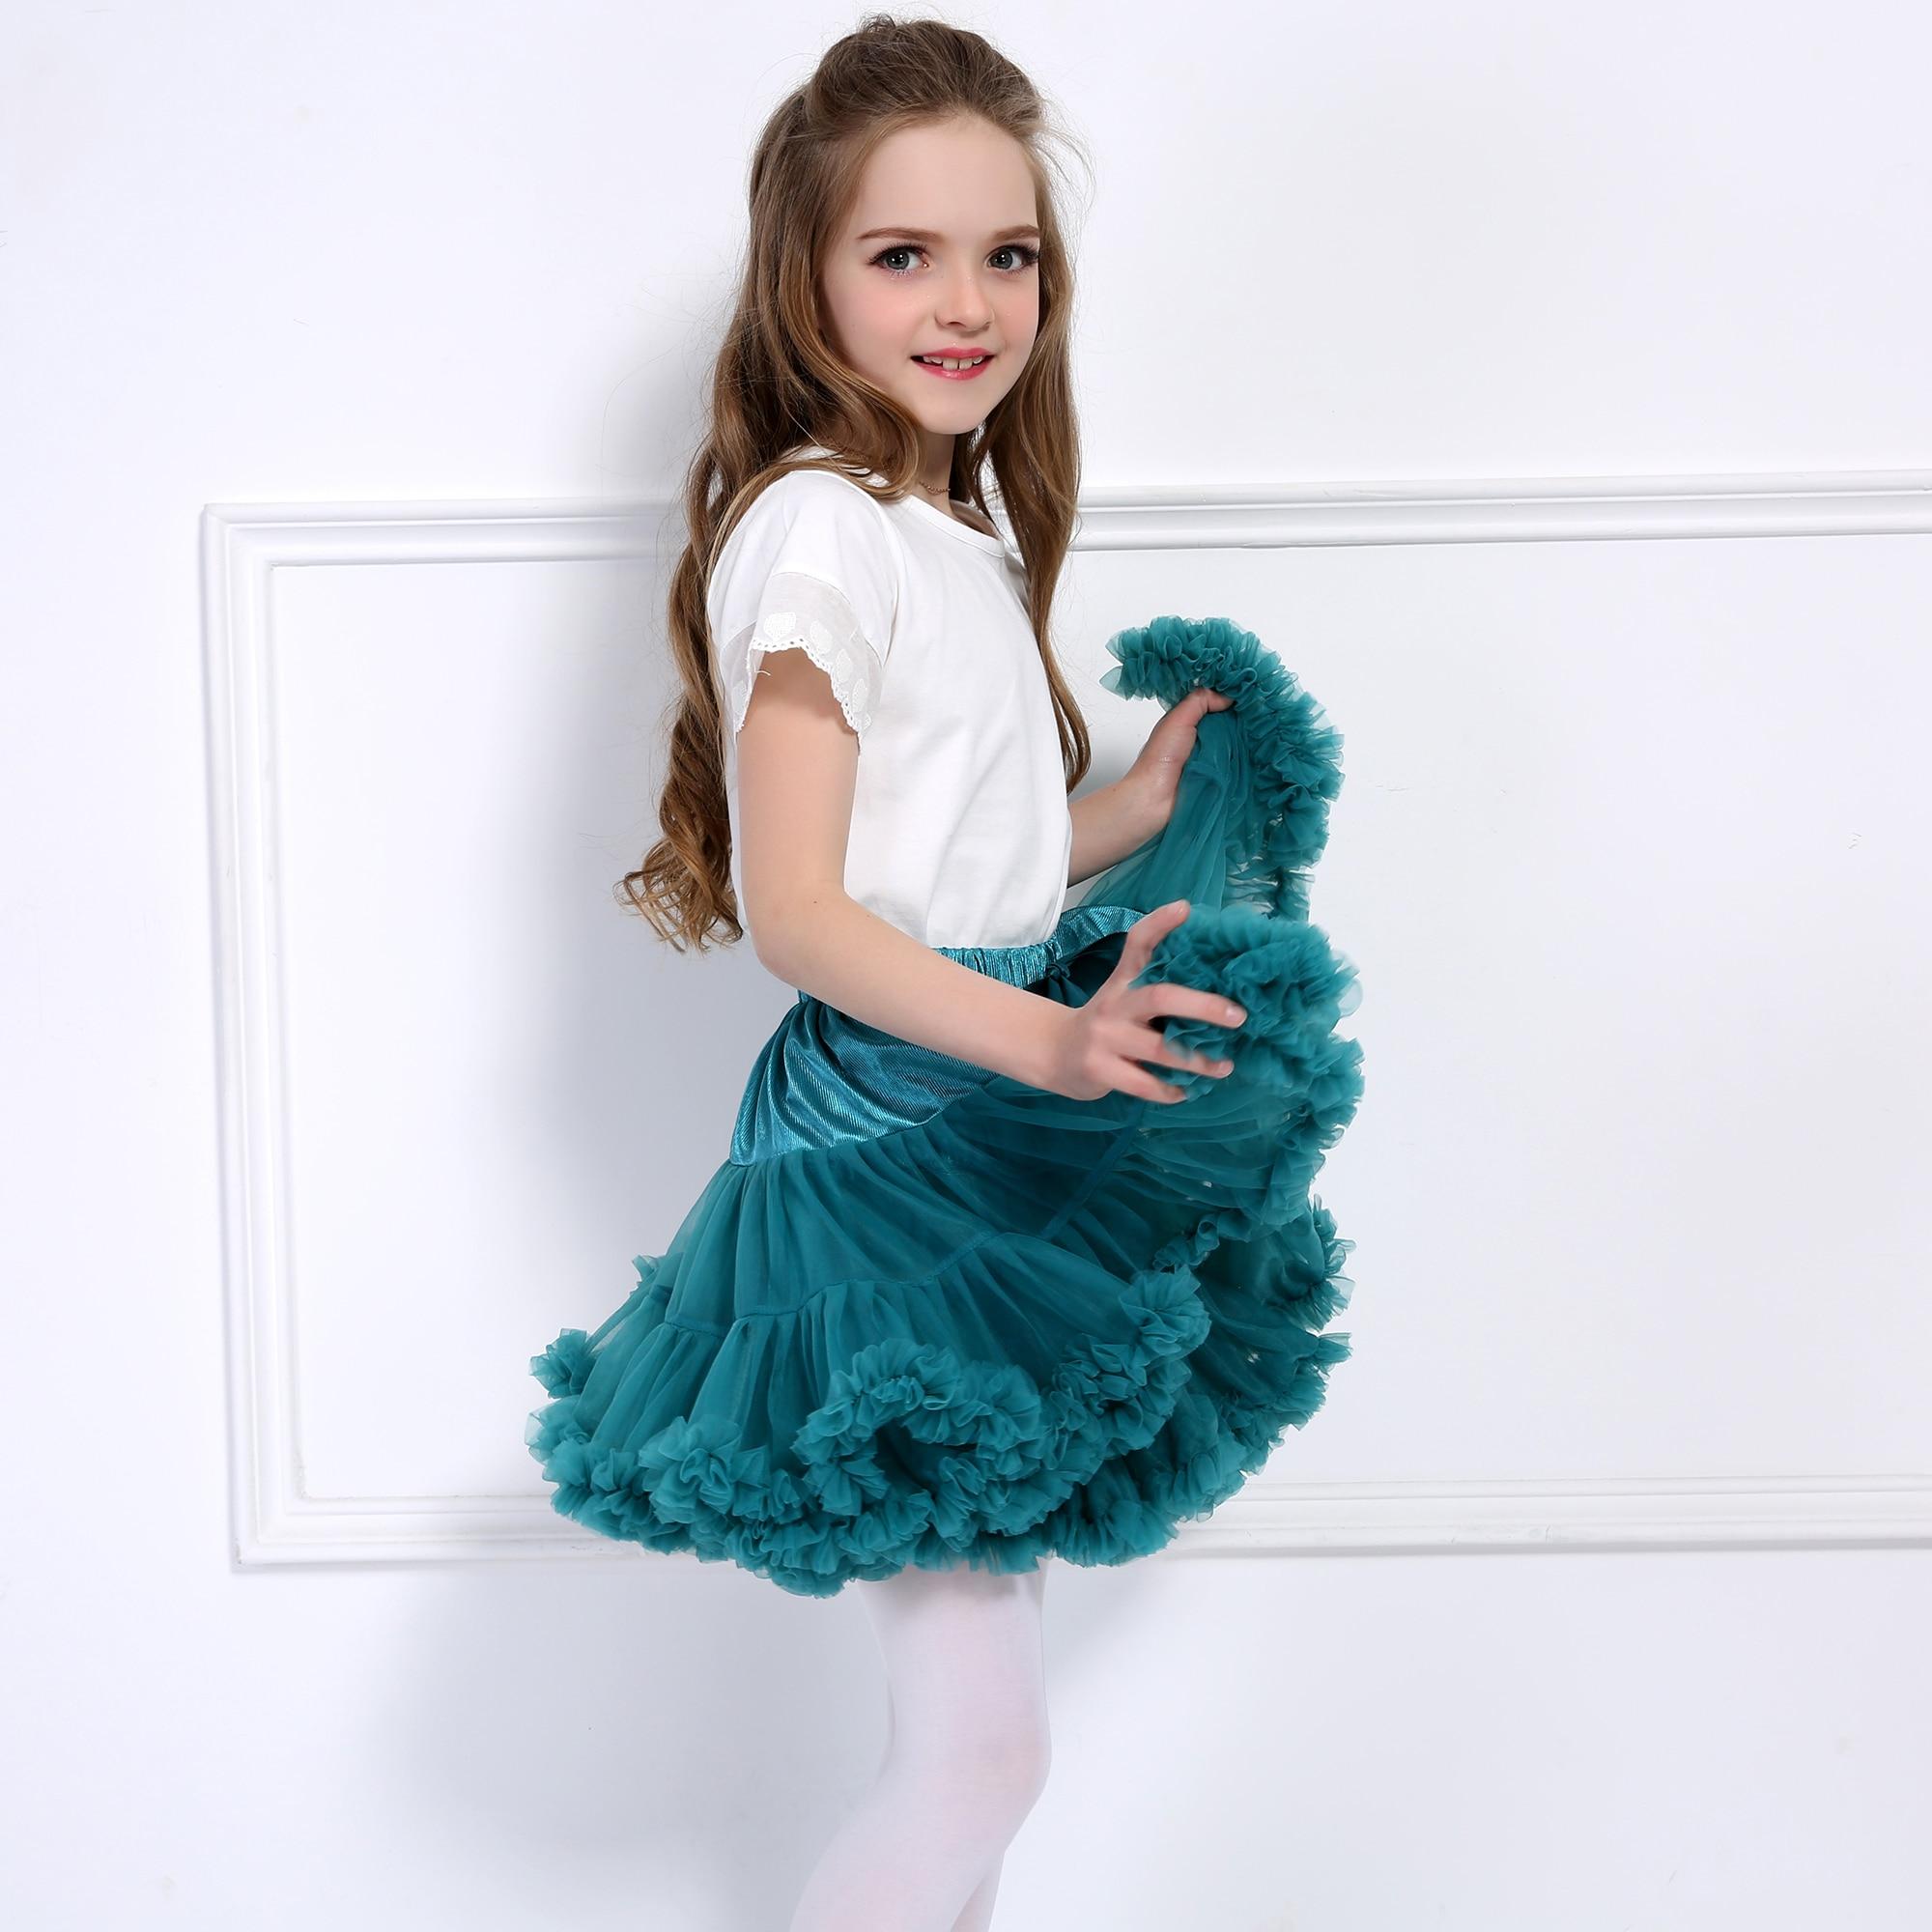 Children Fluffy Tutu Dance Skirts For Girls